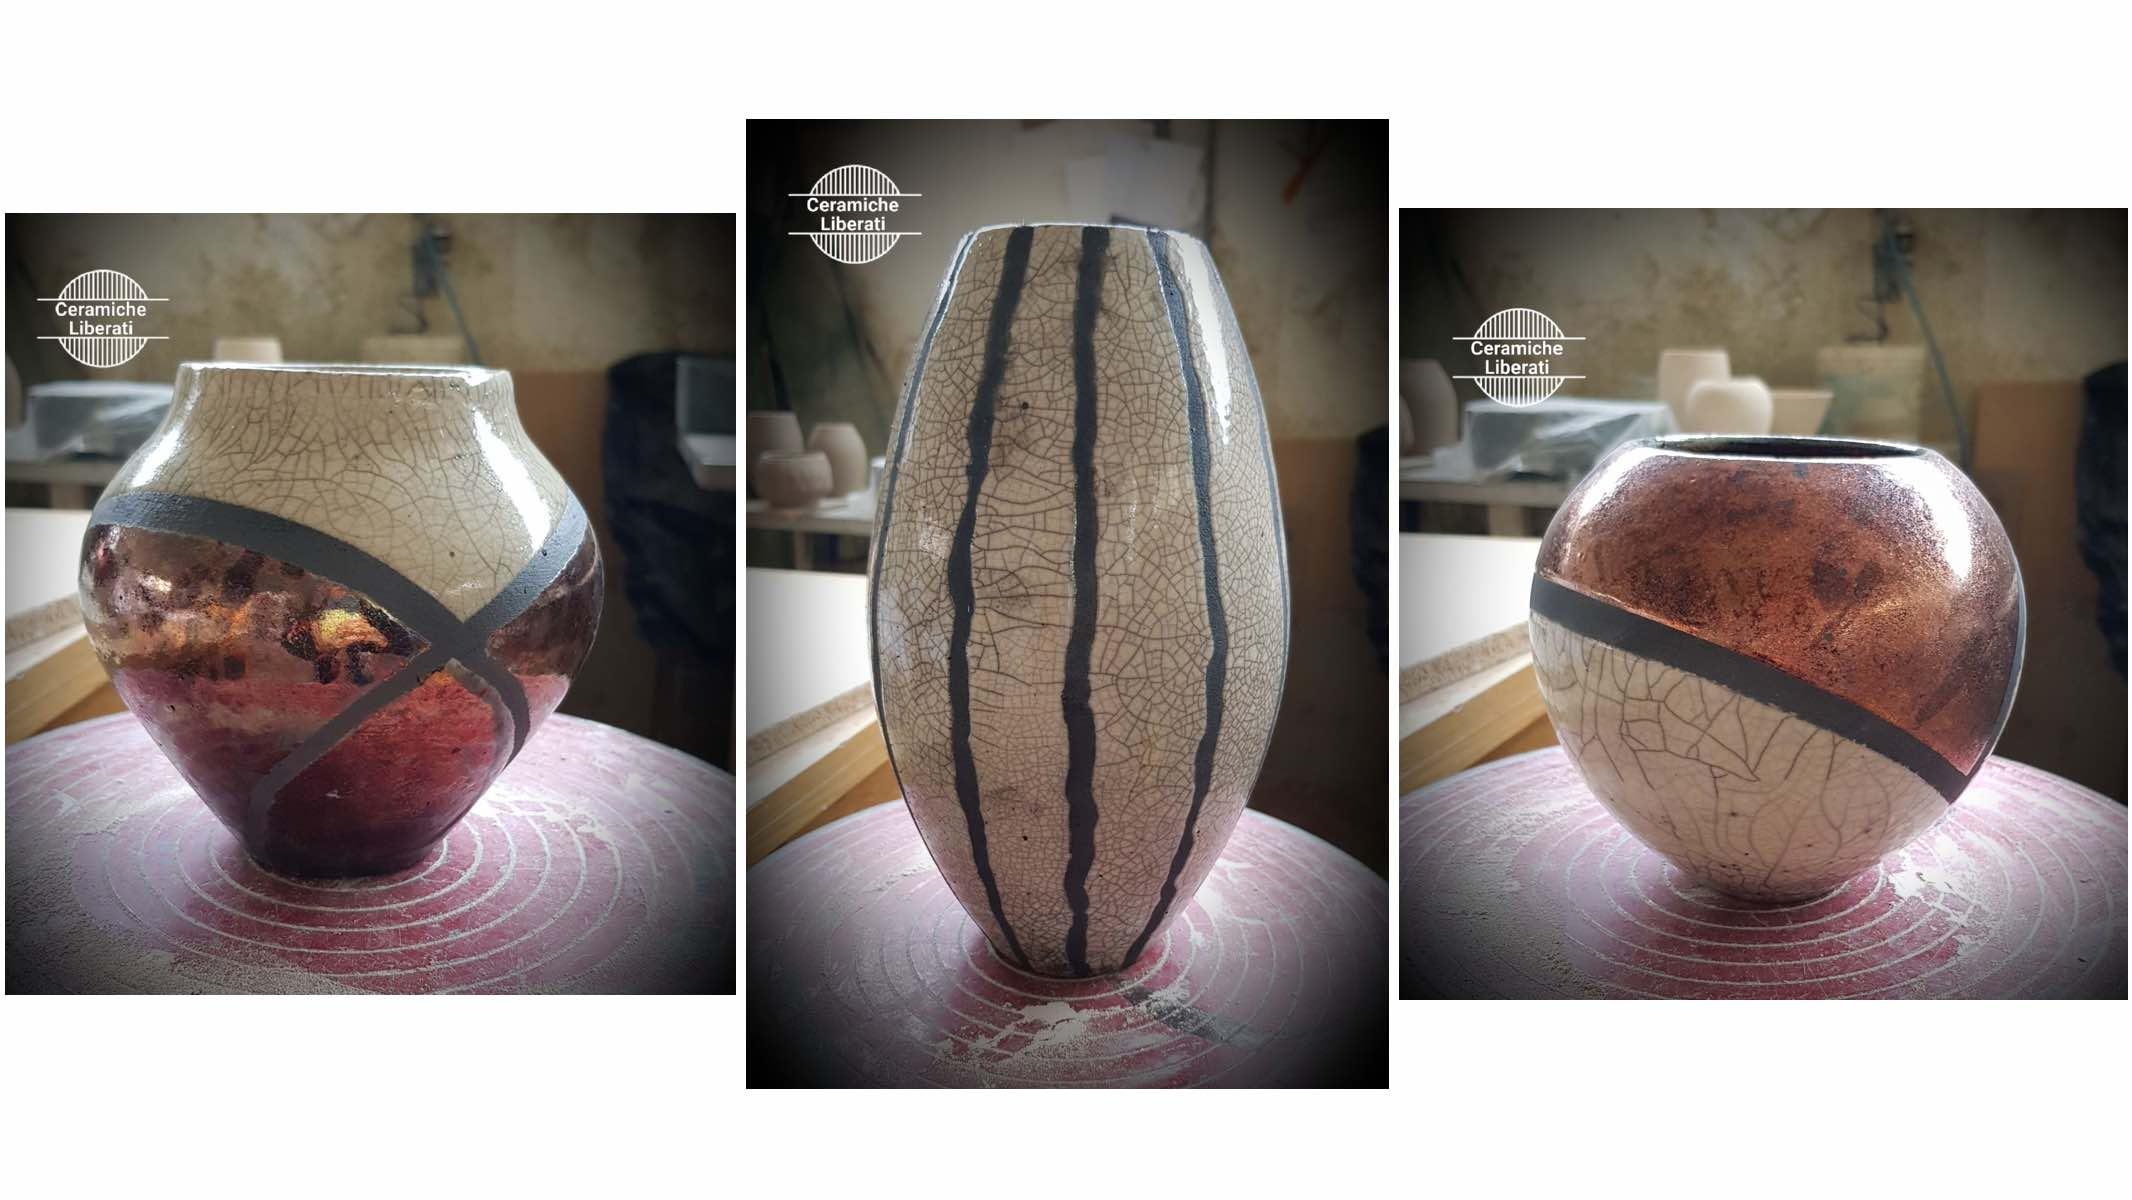 Vasi in ceramica realizzati con la tecnica raku - Ceramiche Liberati